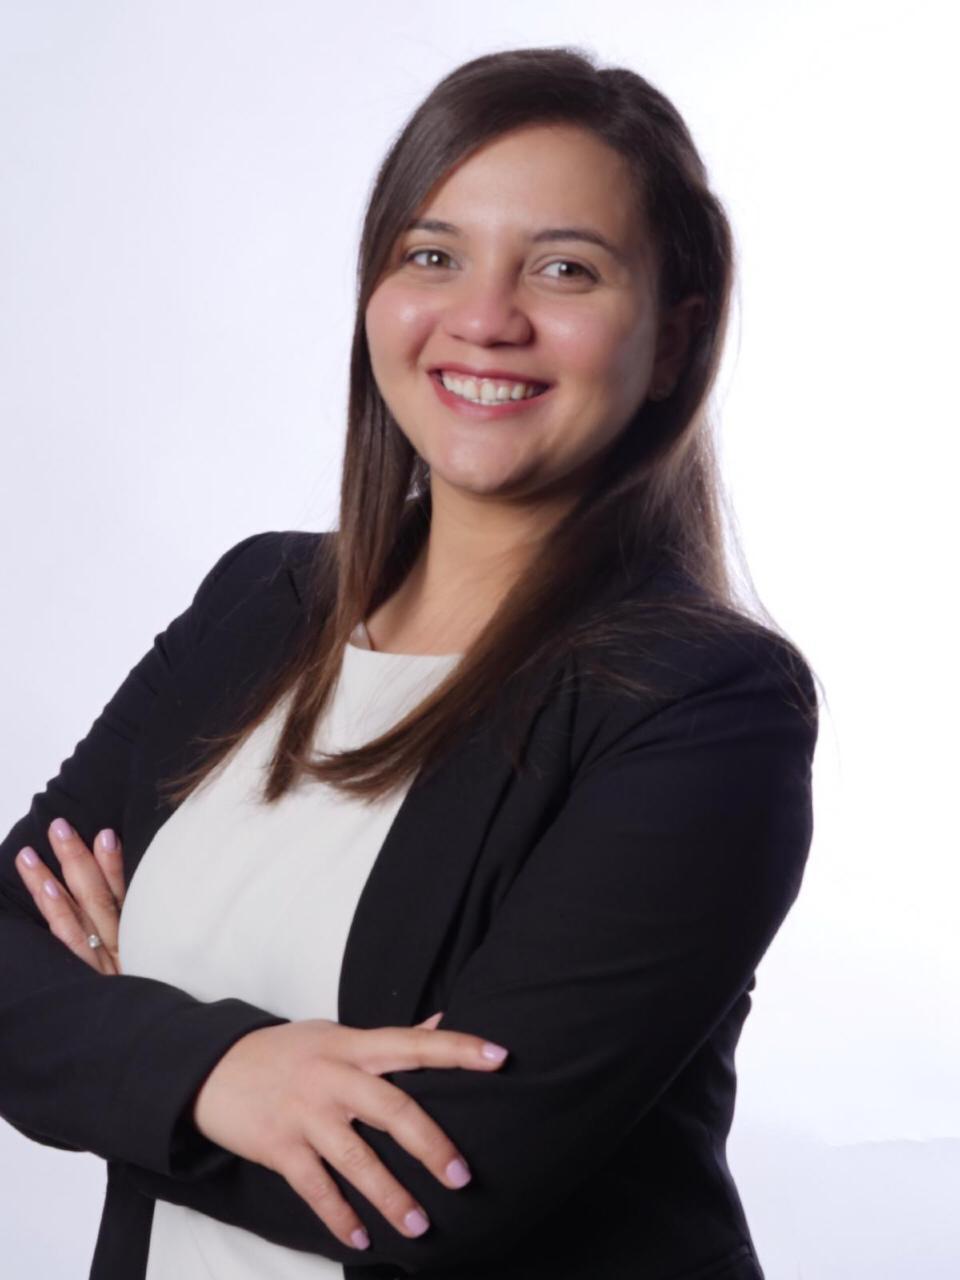 Adriana Phaneuf